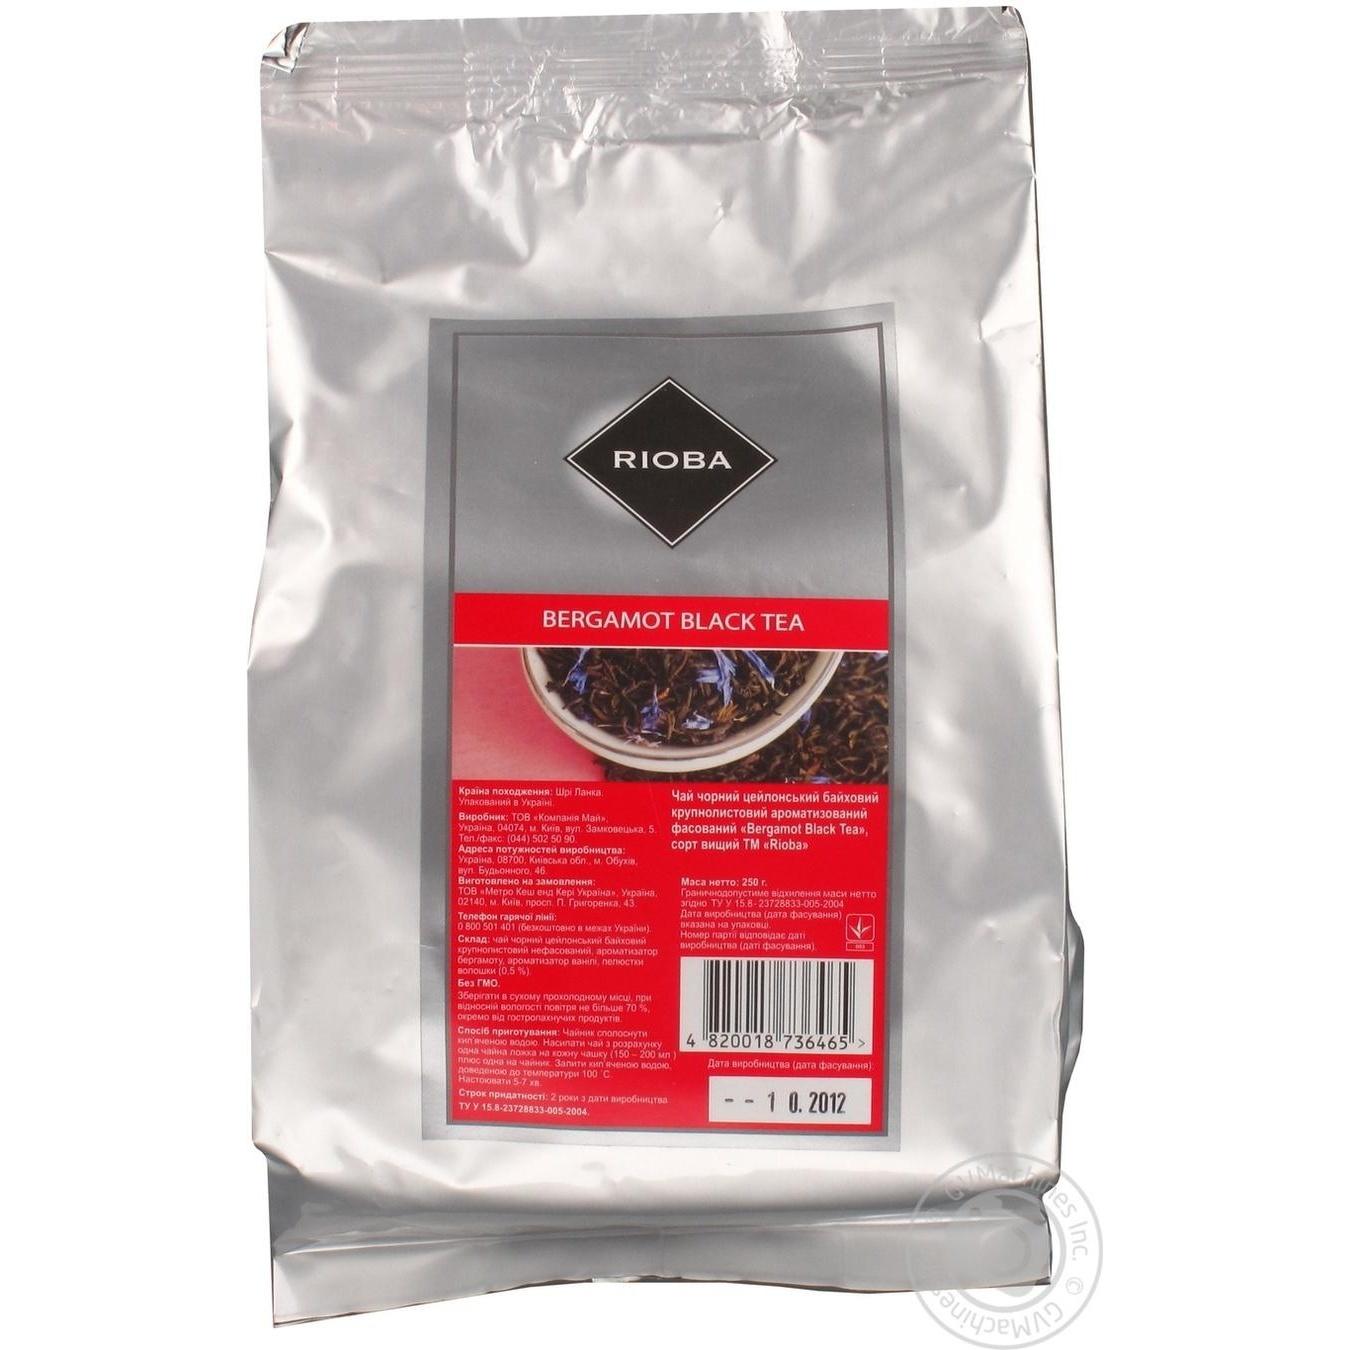 Купить Чай Rioba чорний цейлонський байховий крупнолистовий з ароматом бергамоту 250г